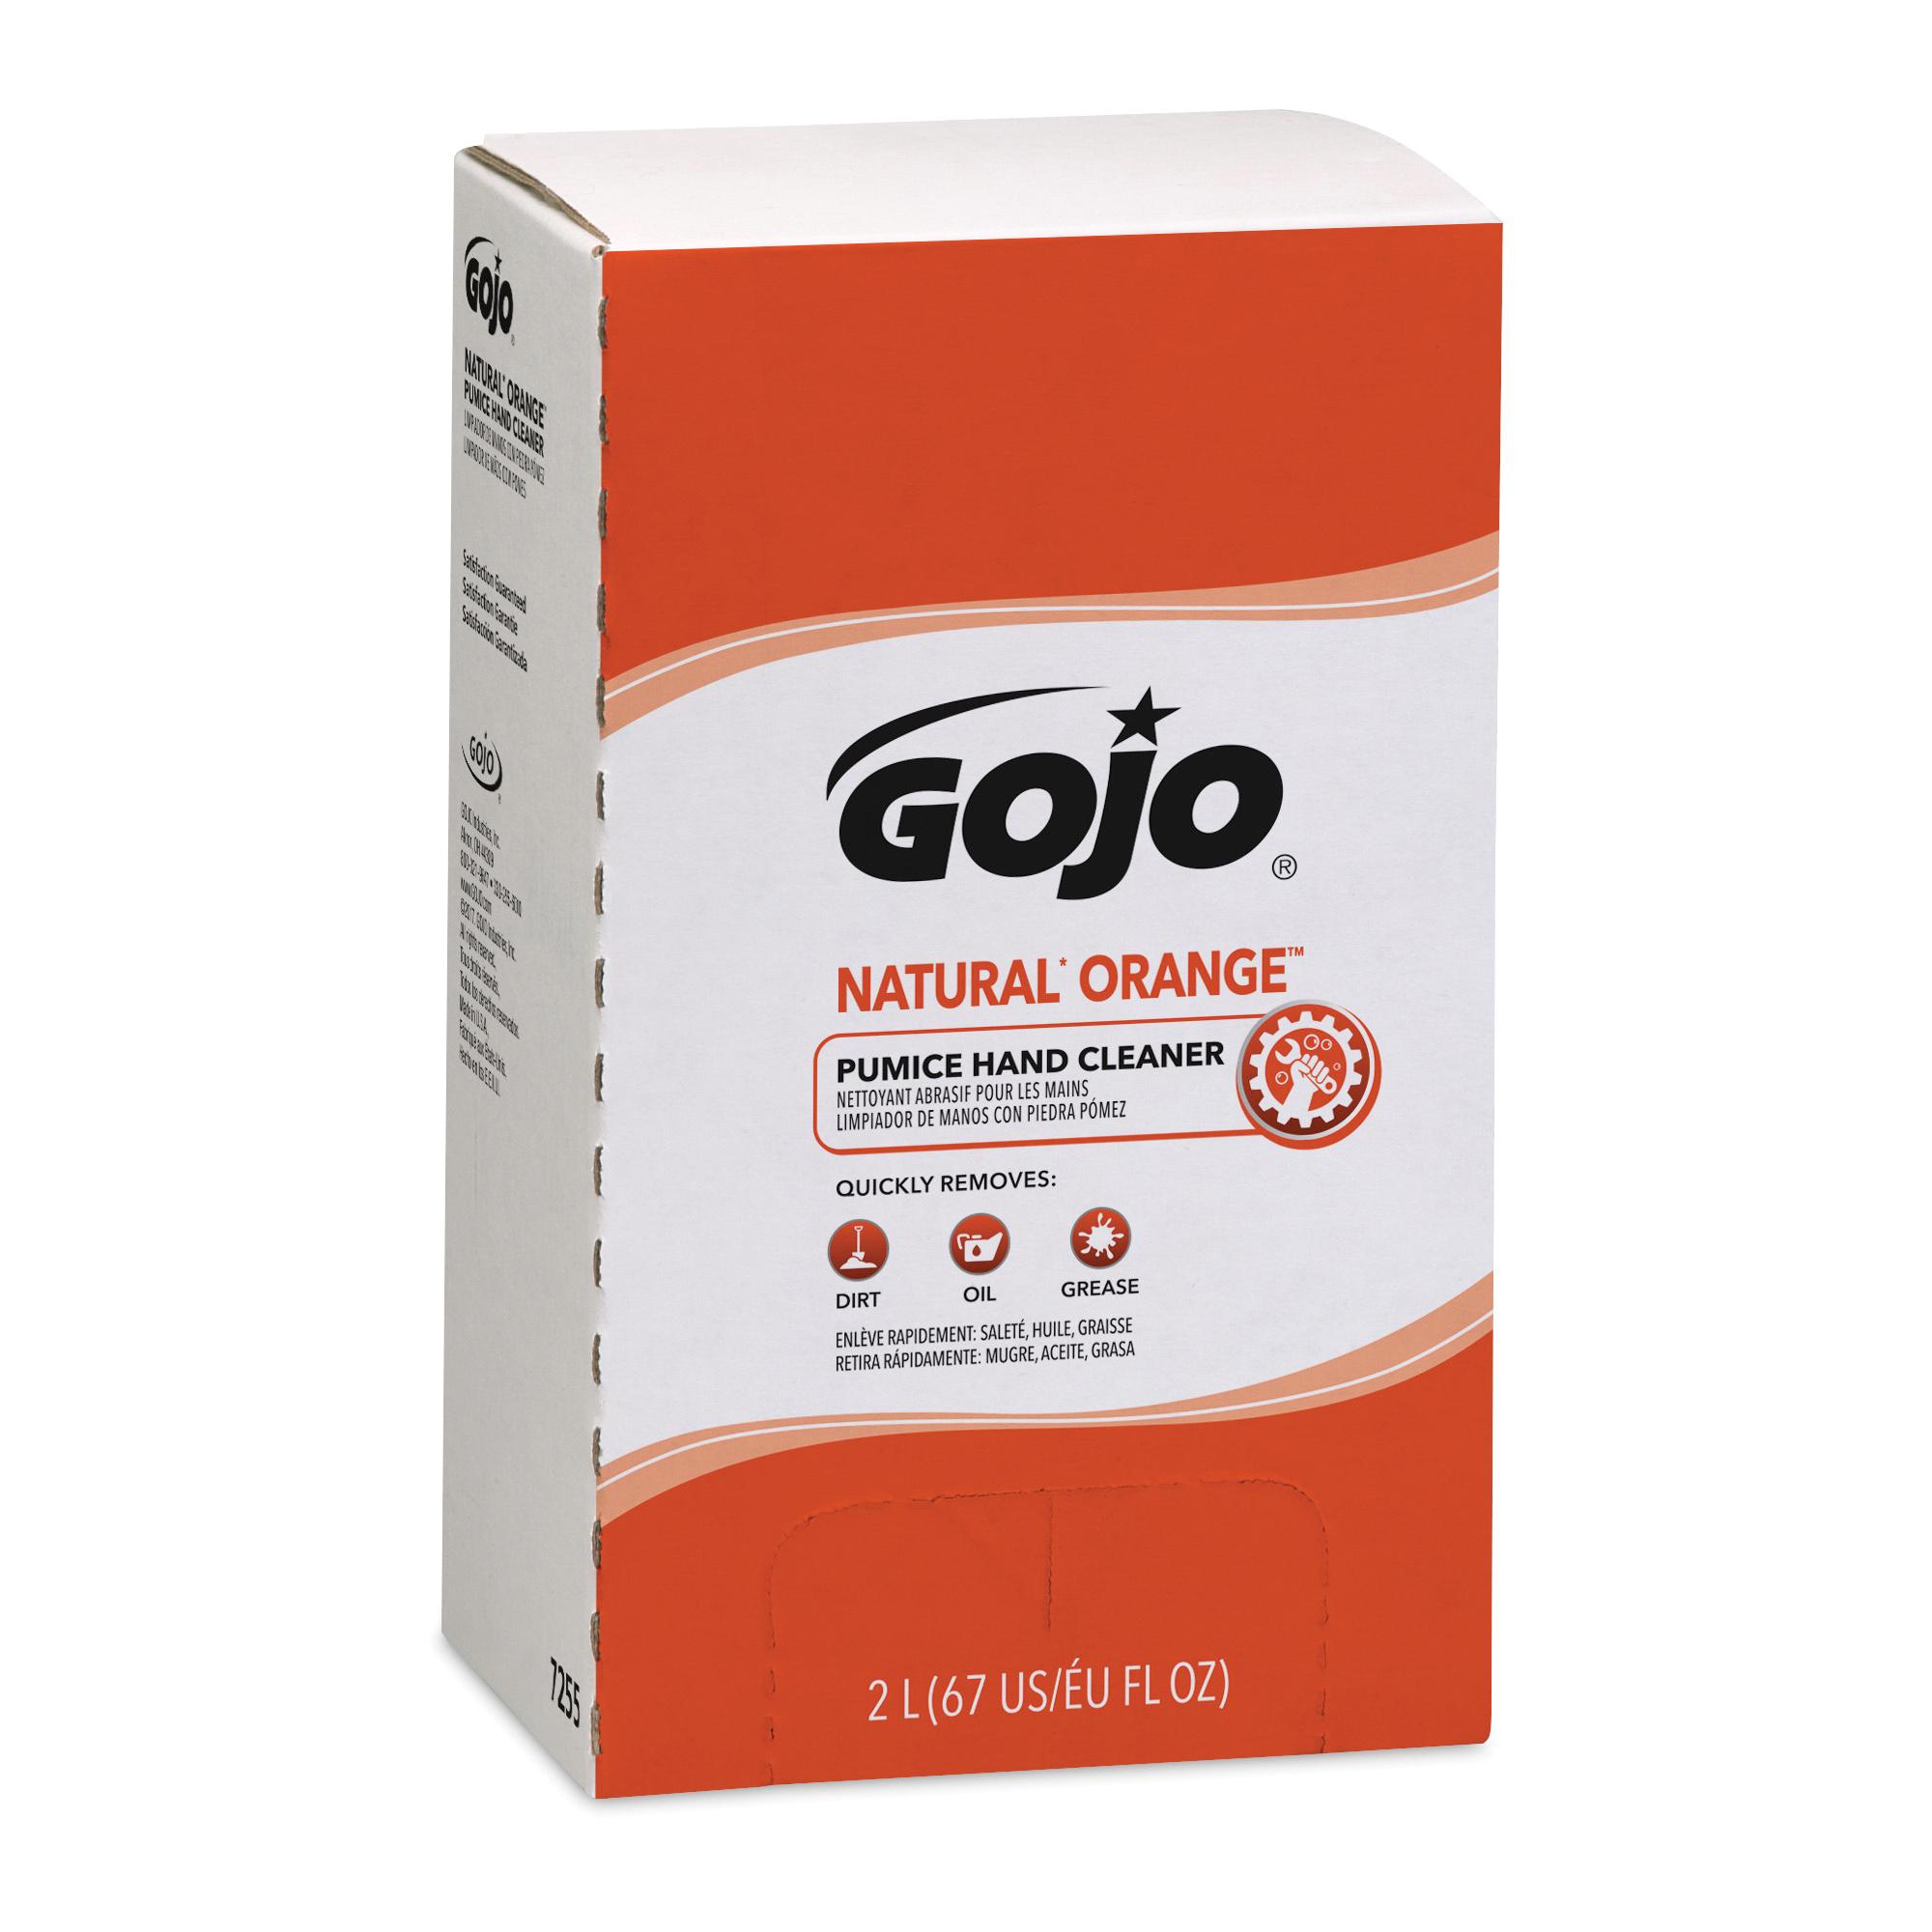 GOJO® 7250-04 NATURAL ORANGE™ PRO™ TDX™ Smooth Hand Cleaner, 2000 mL Nominal, Dispenser Refill Package, Lotion Form, Citrus Odor/Scent, Orange